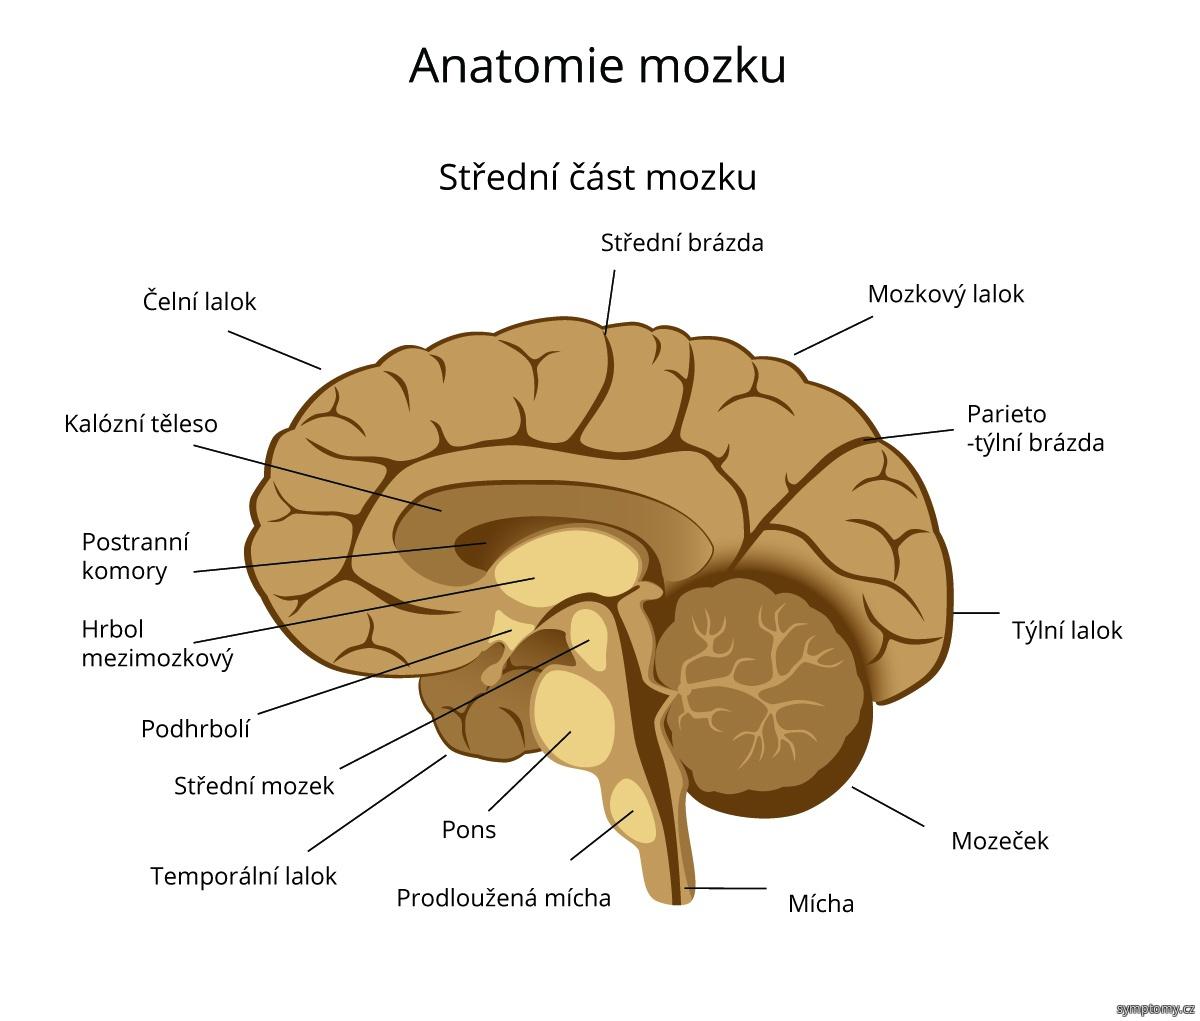 Anatomie mozku